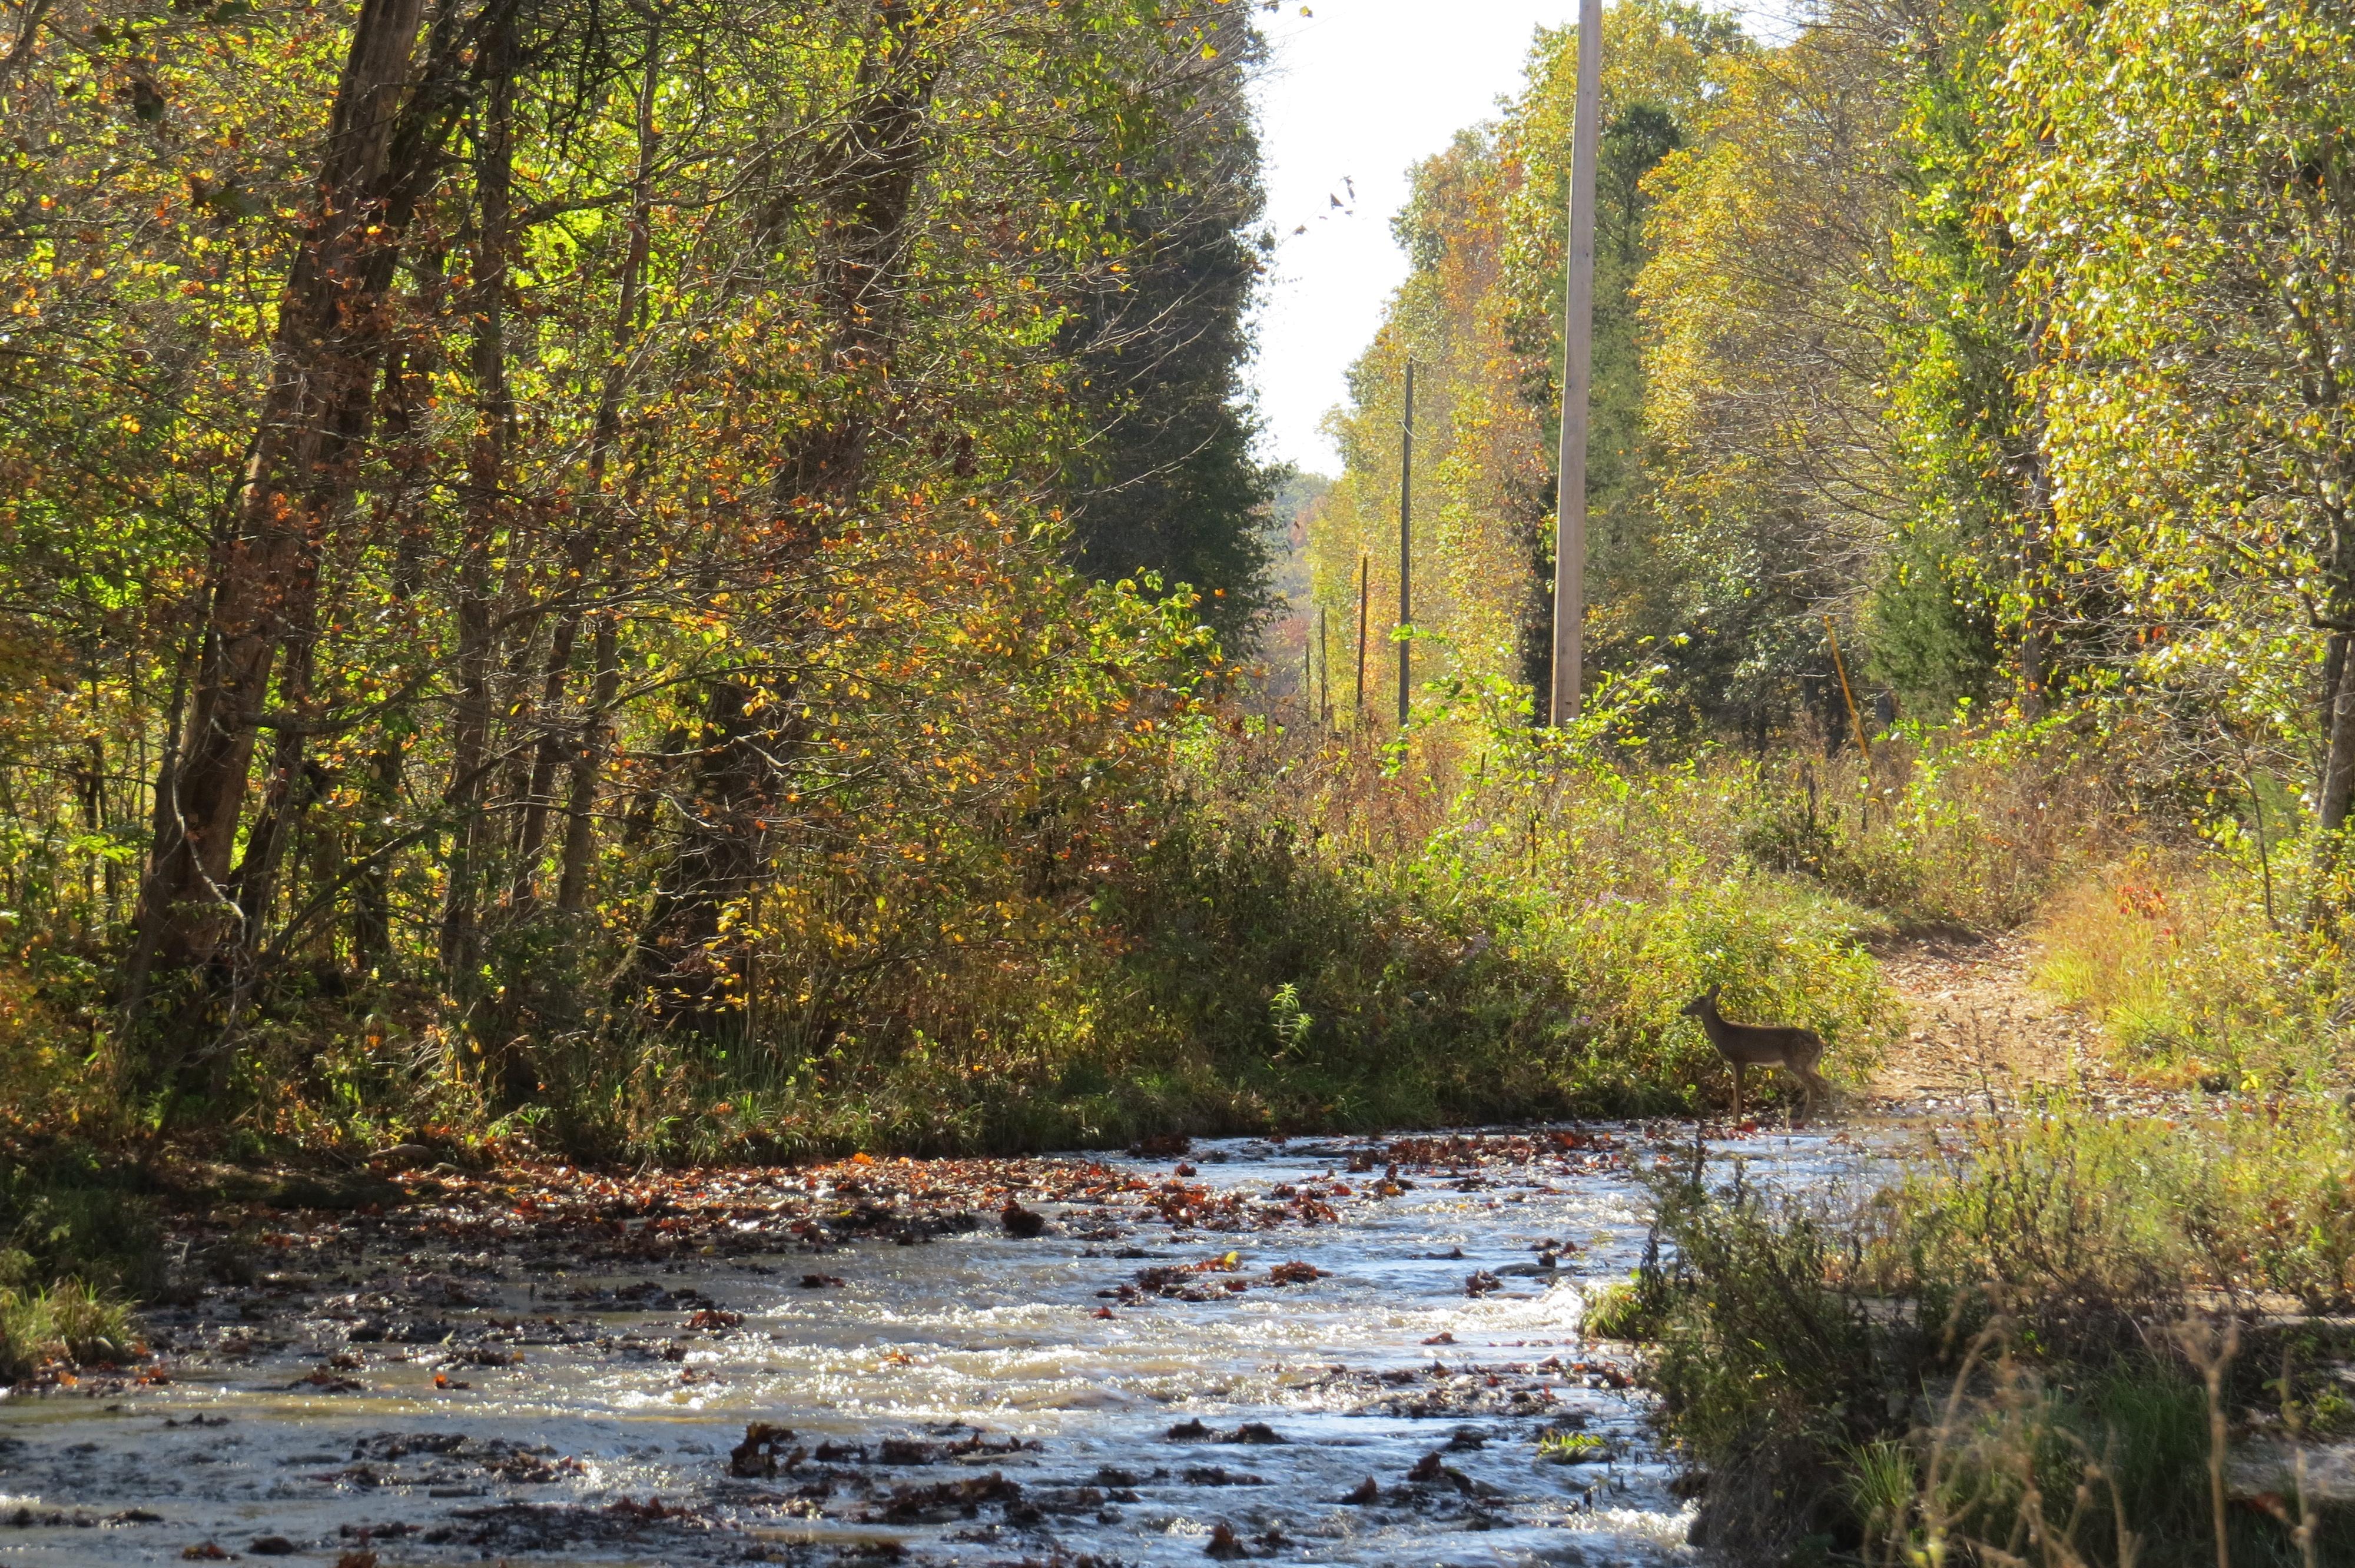 Creek in front of deer - path